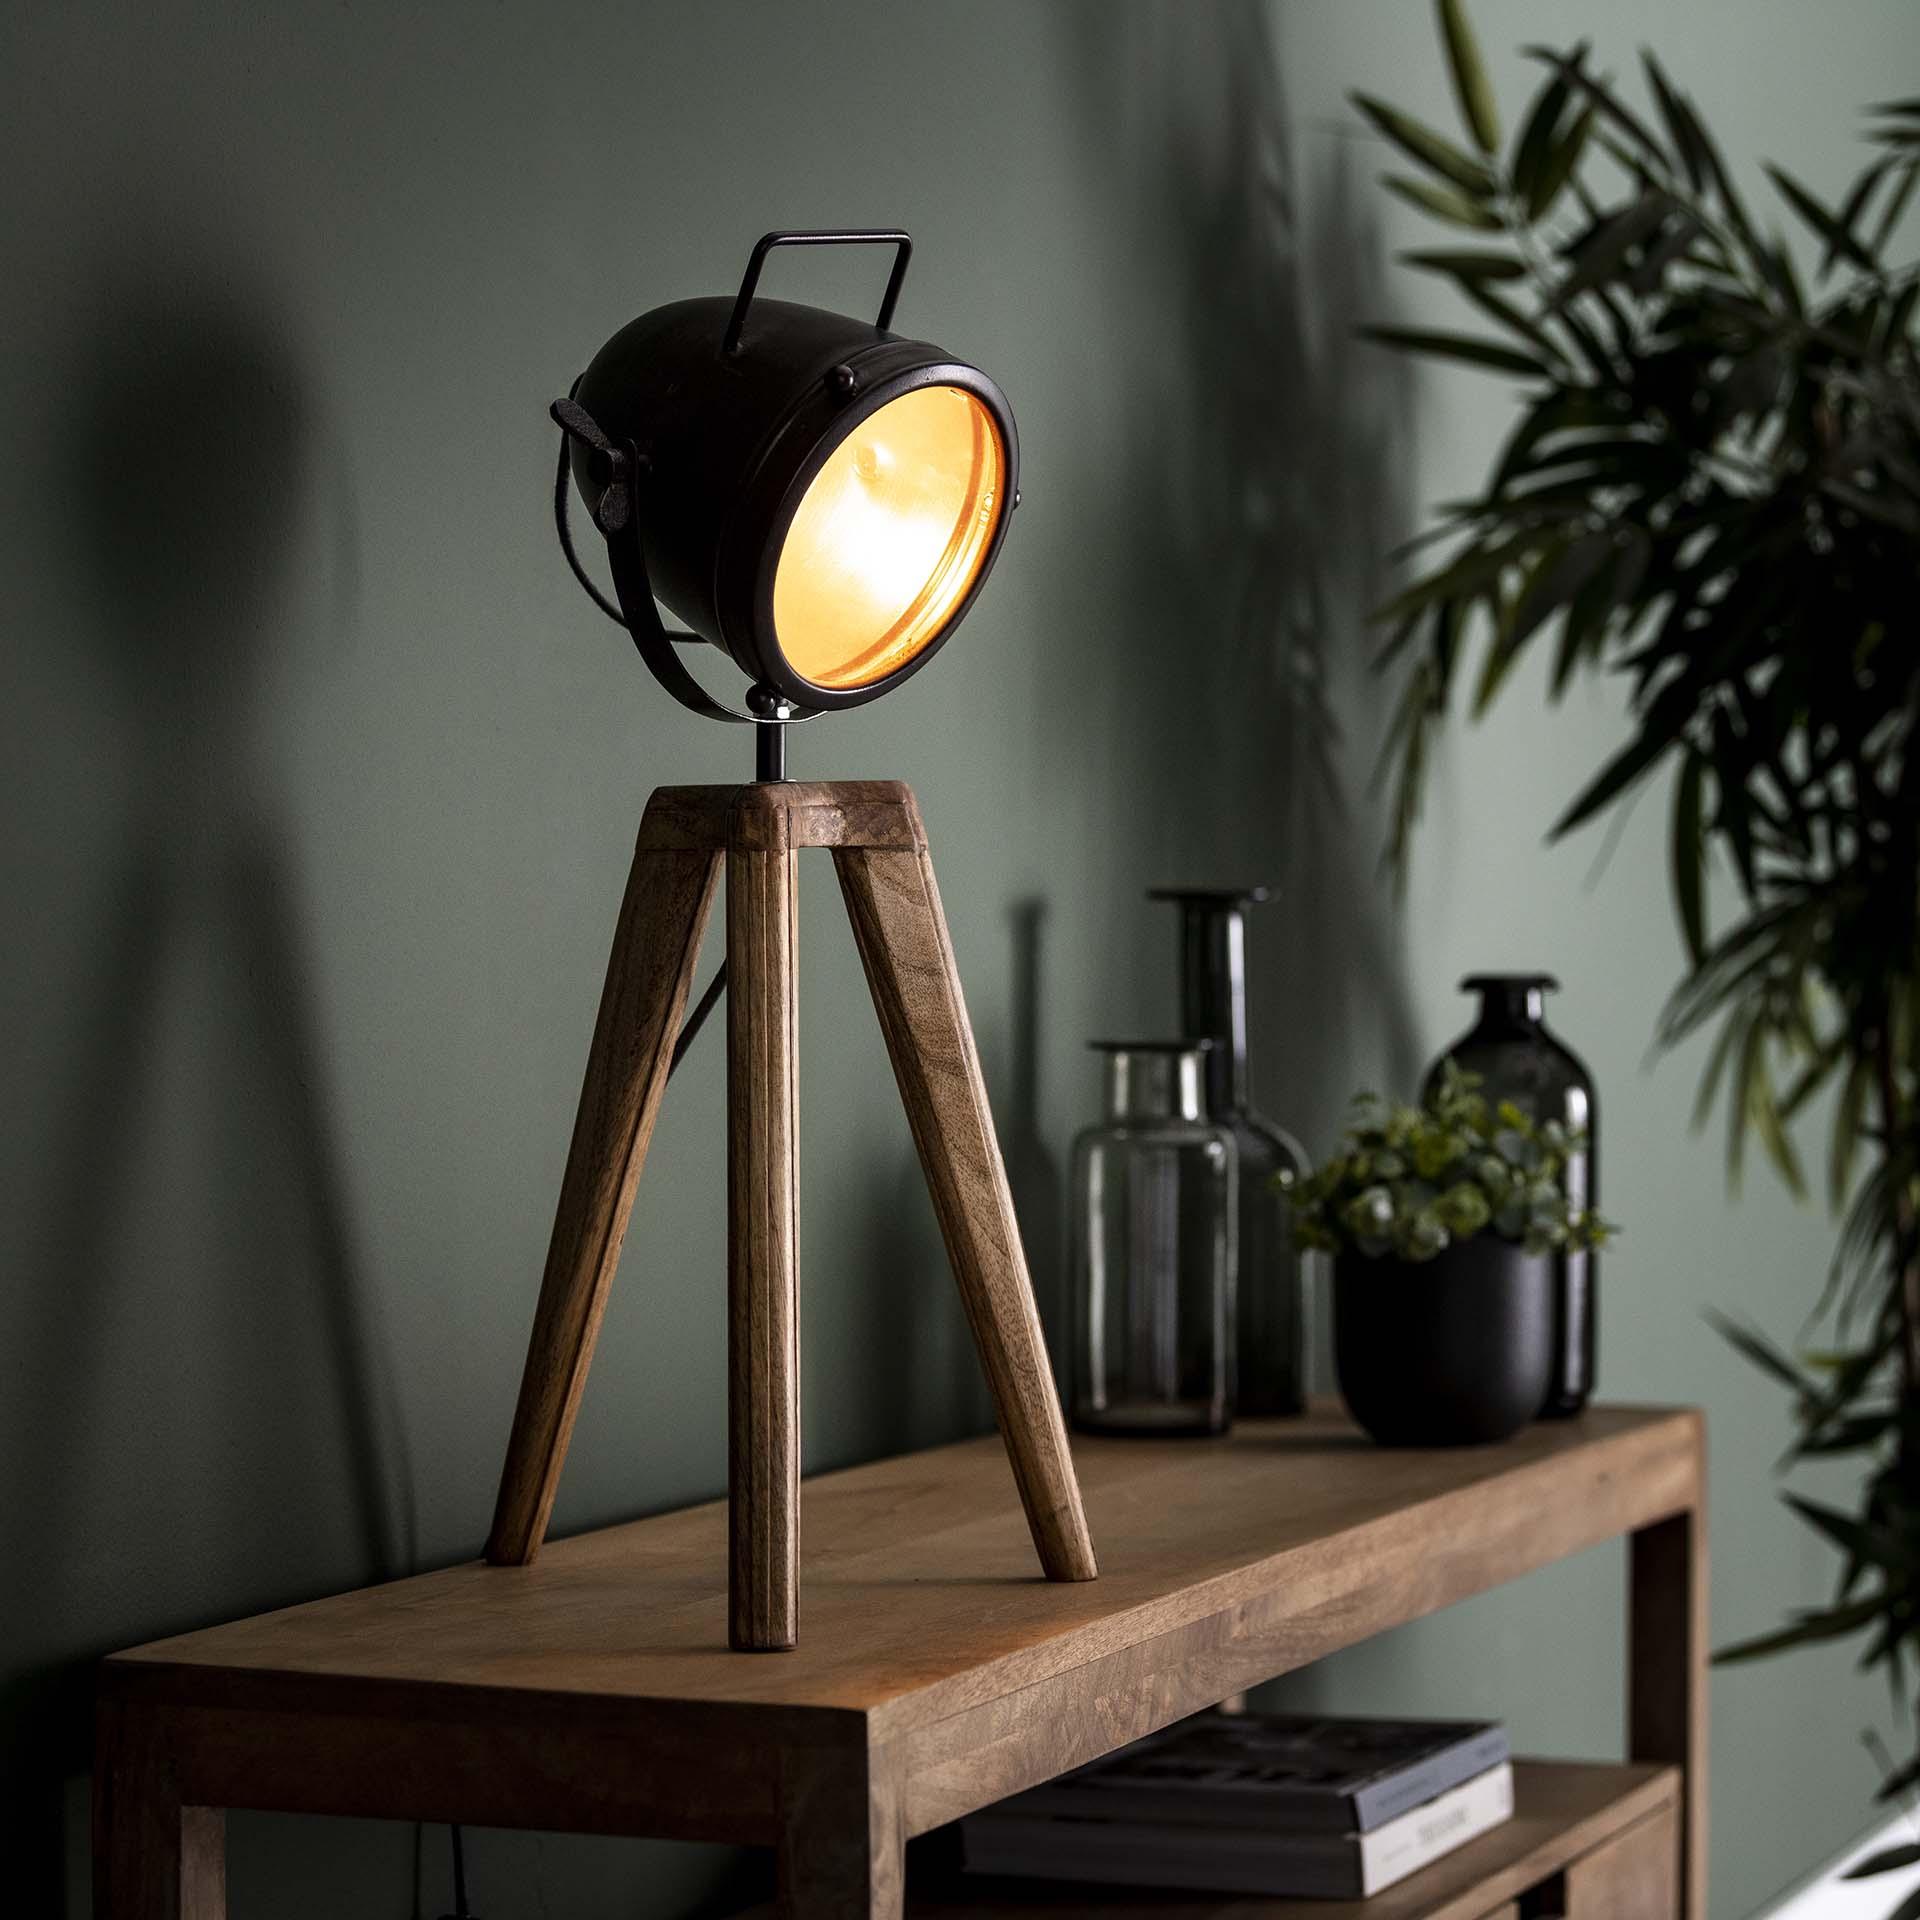 Tischlampe - Spot an - Spotbeleuchtung